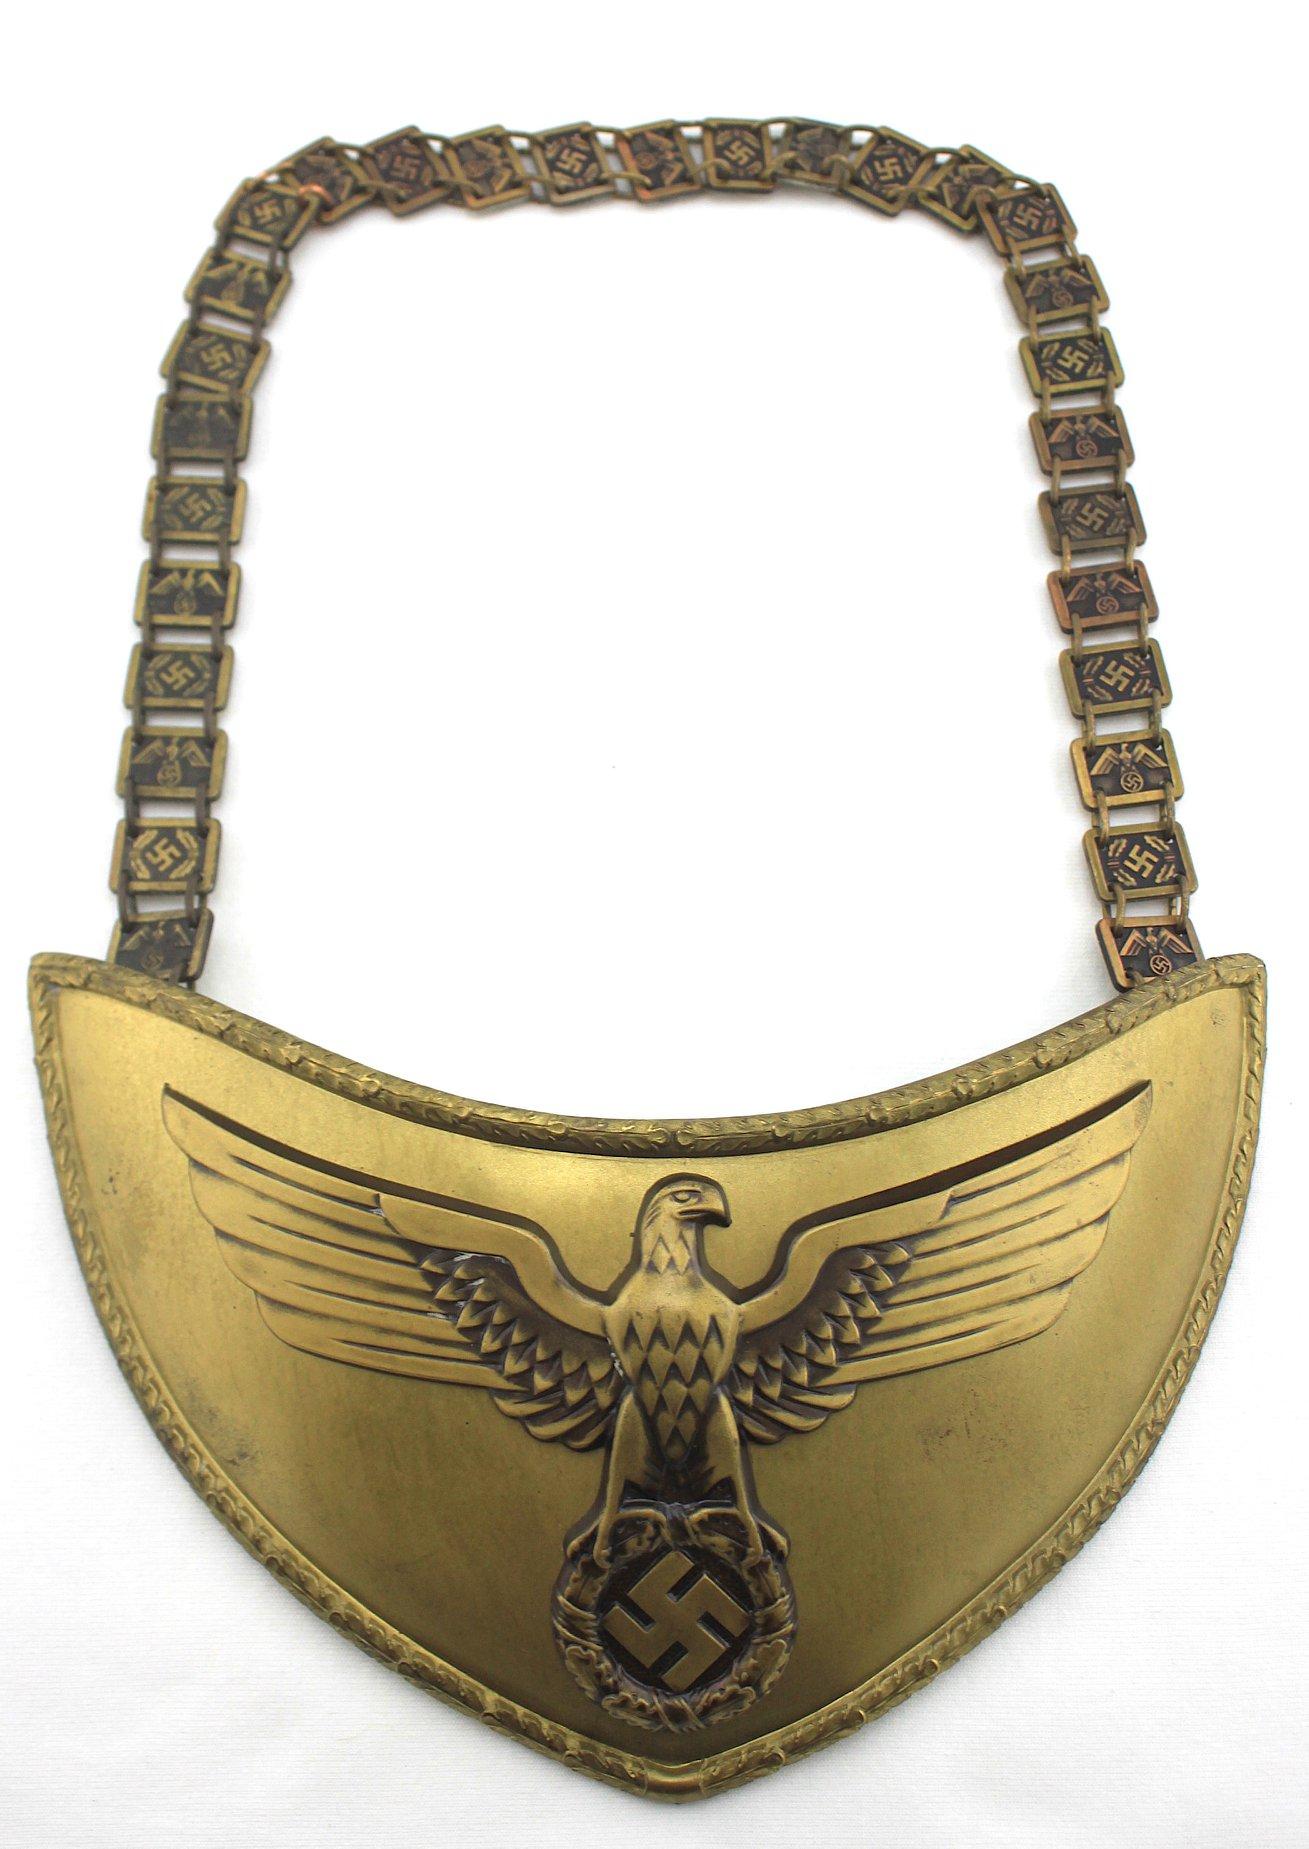 [已售出 SOLD] 納粹德國政治單位旗杆手執勤胸牌